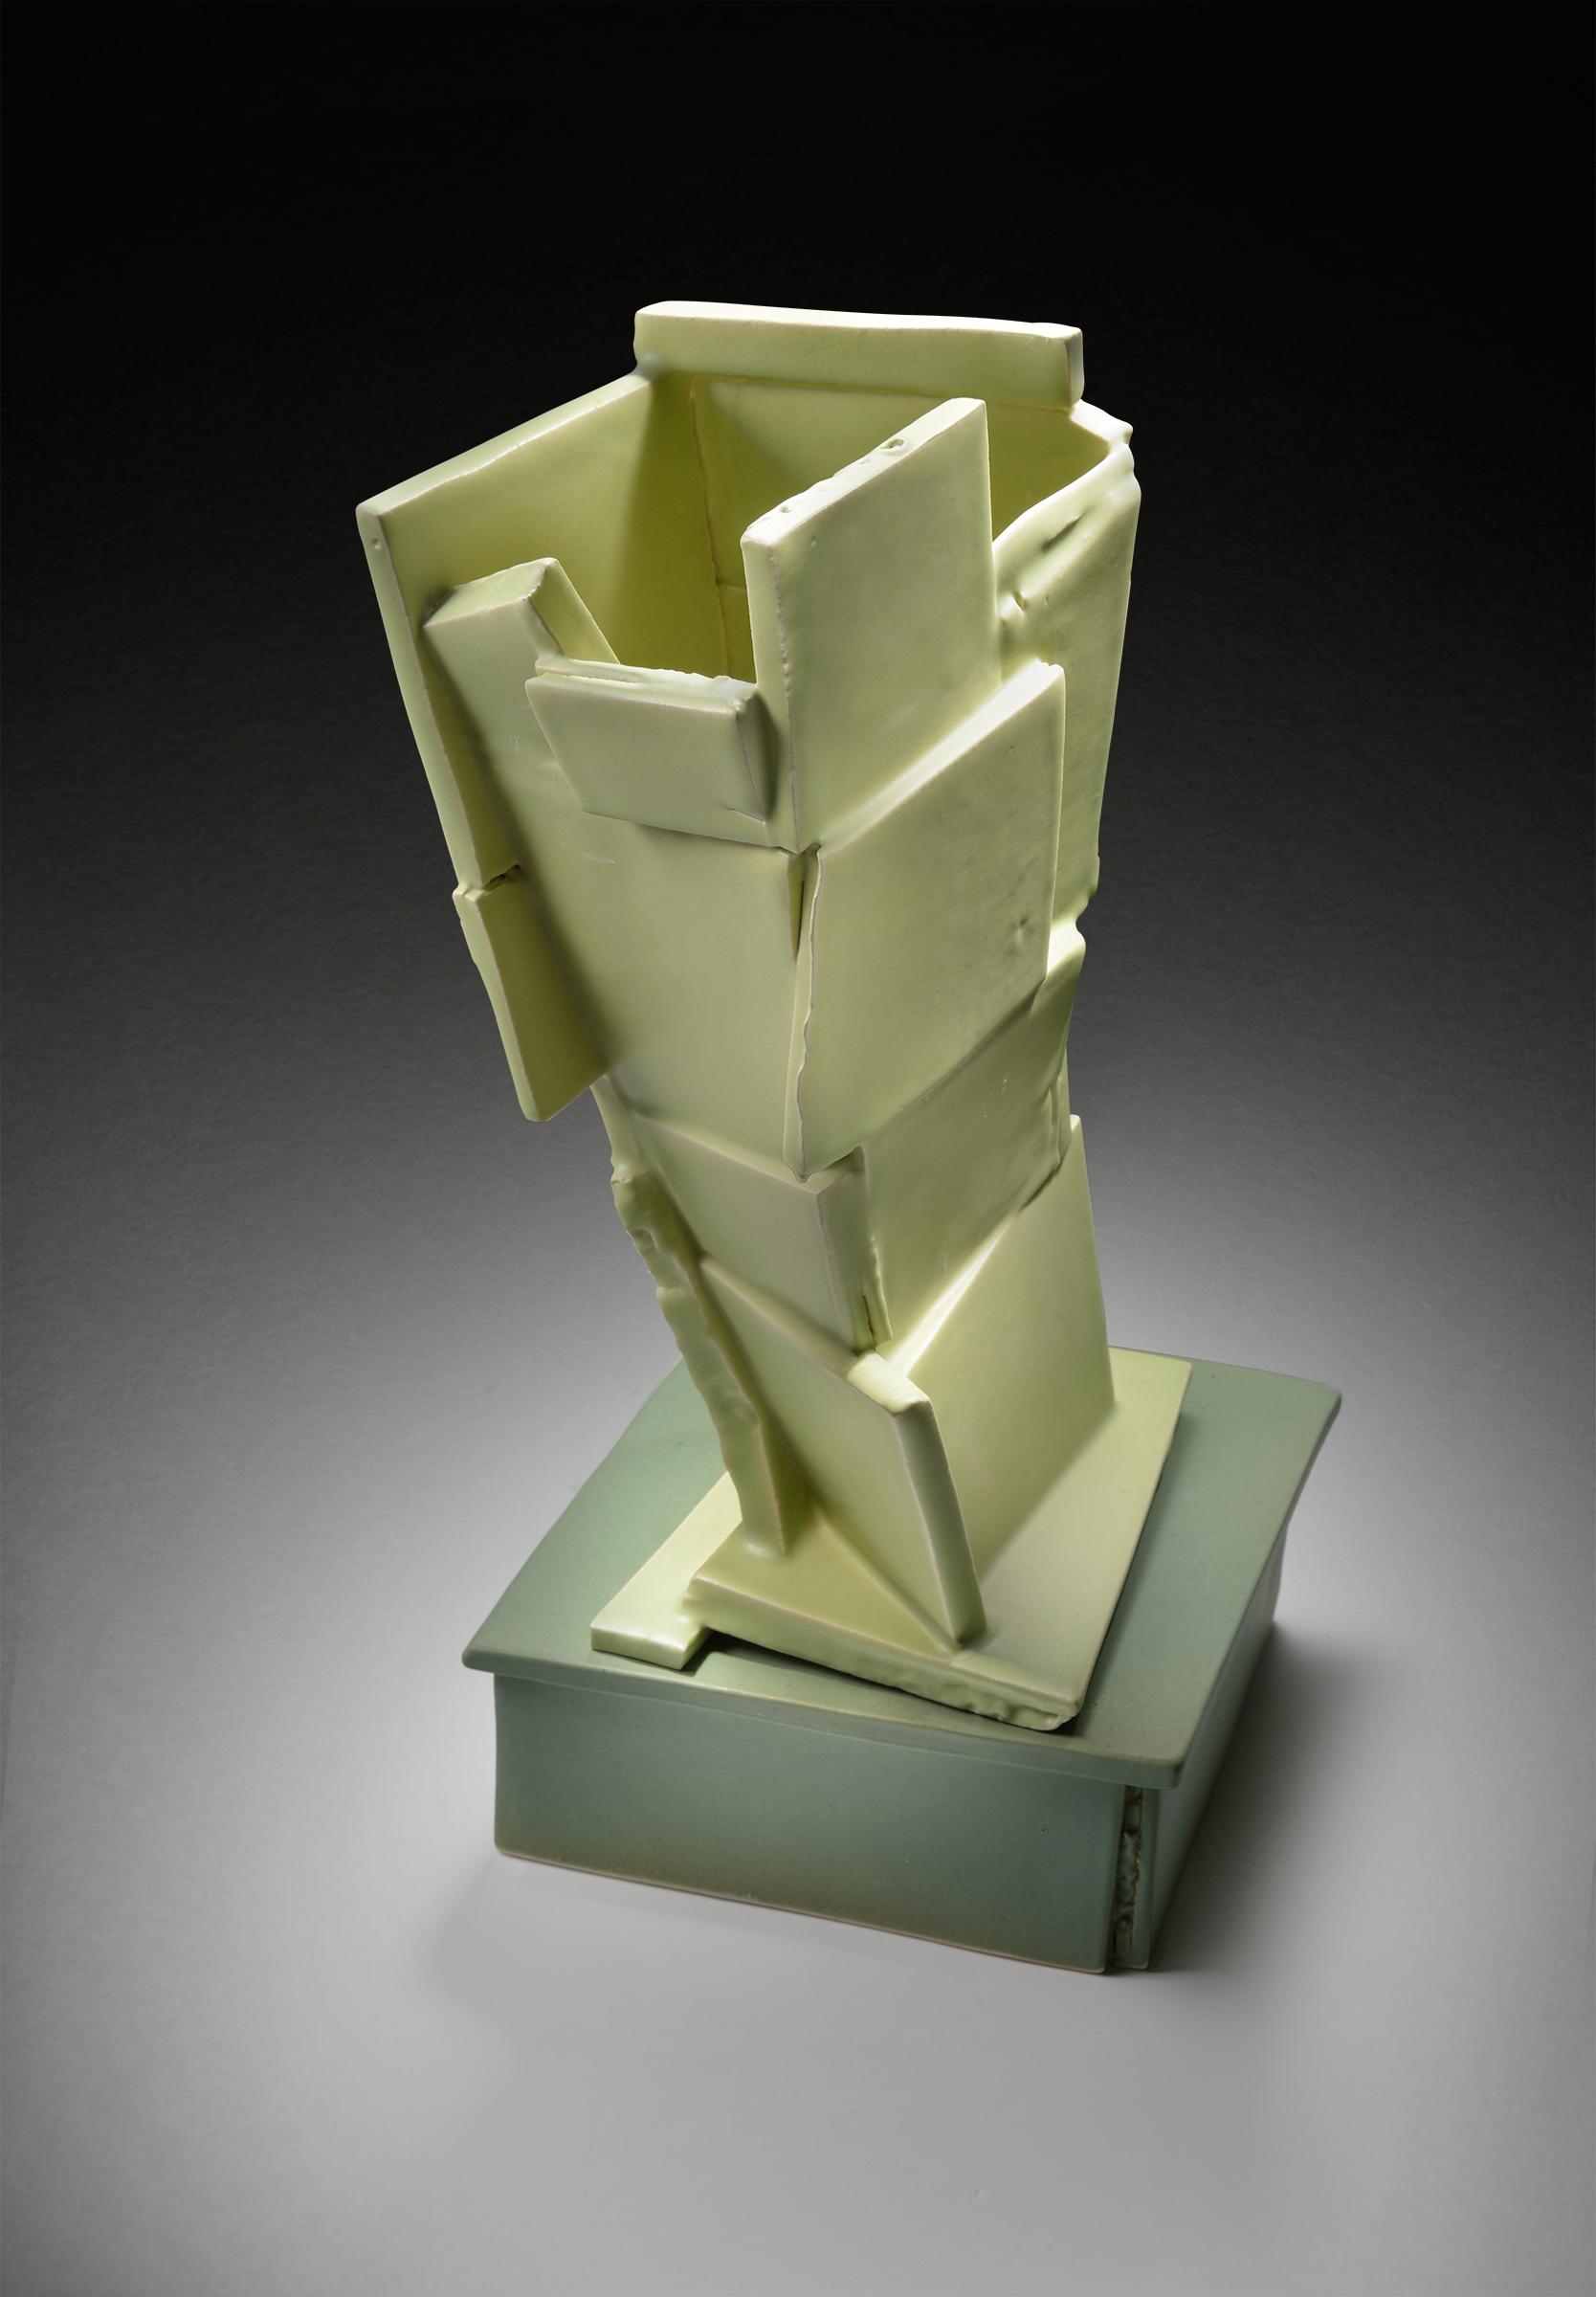 Tilted Green Vase on Base